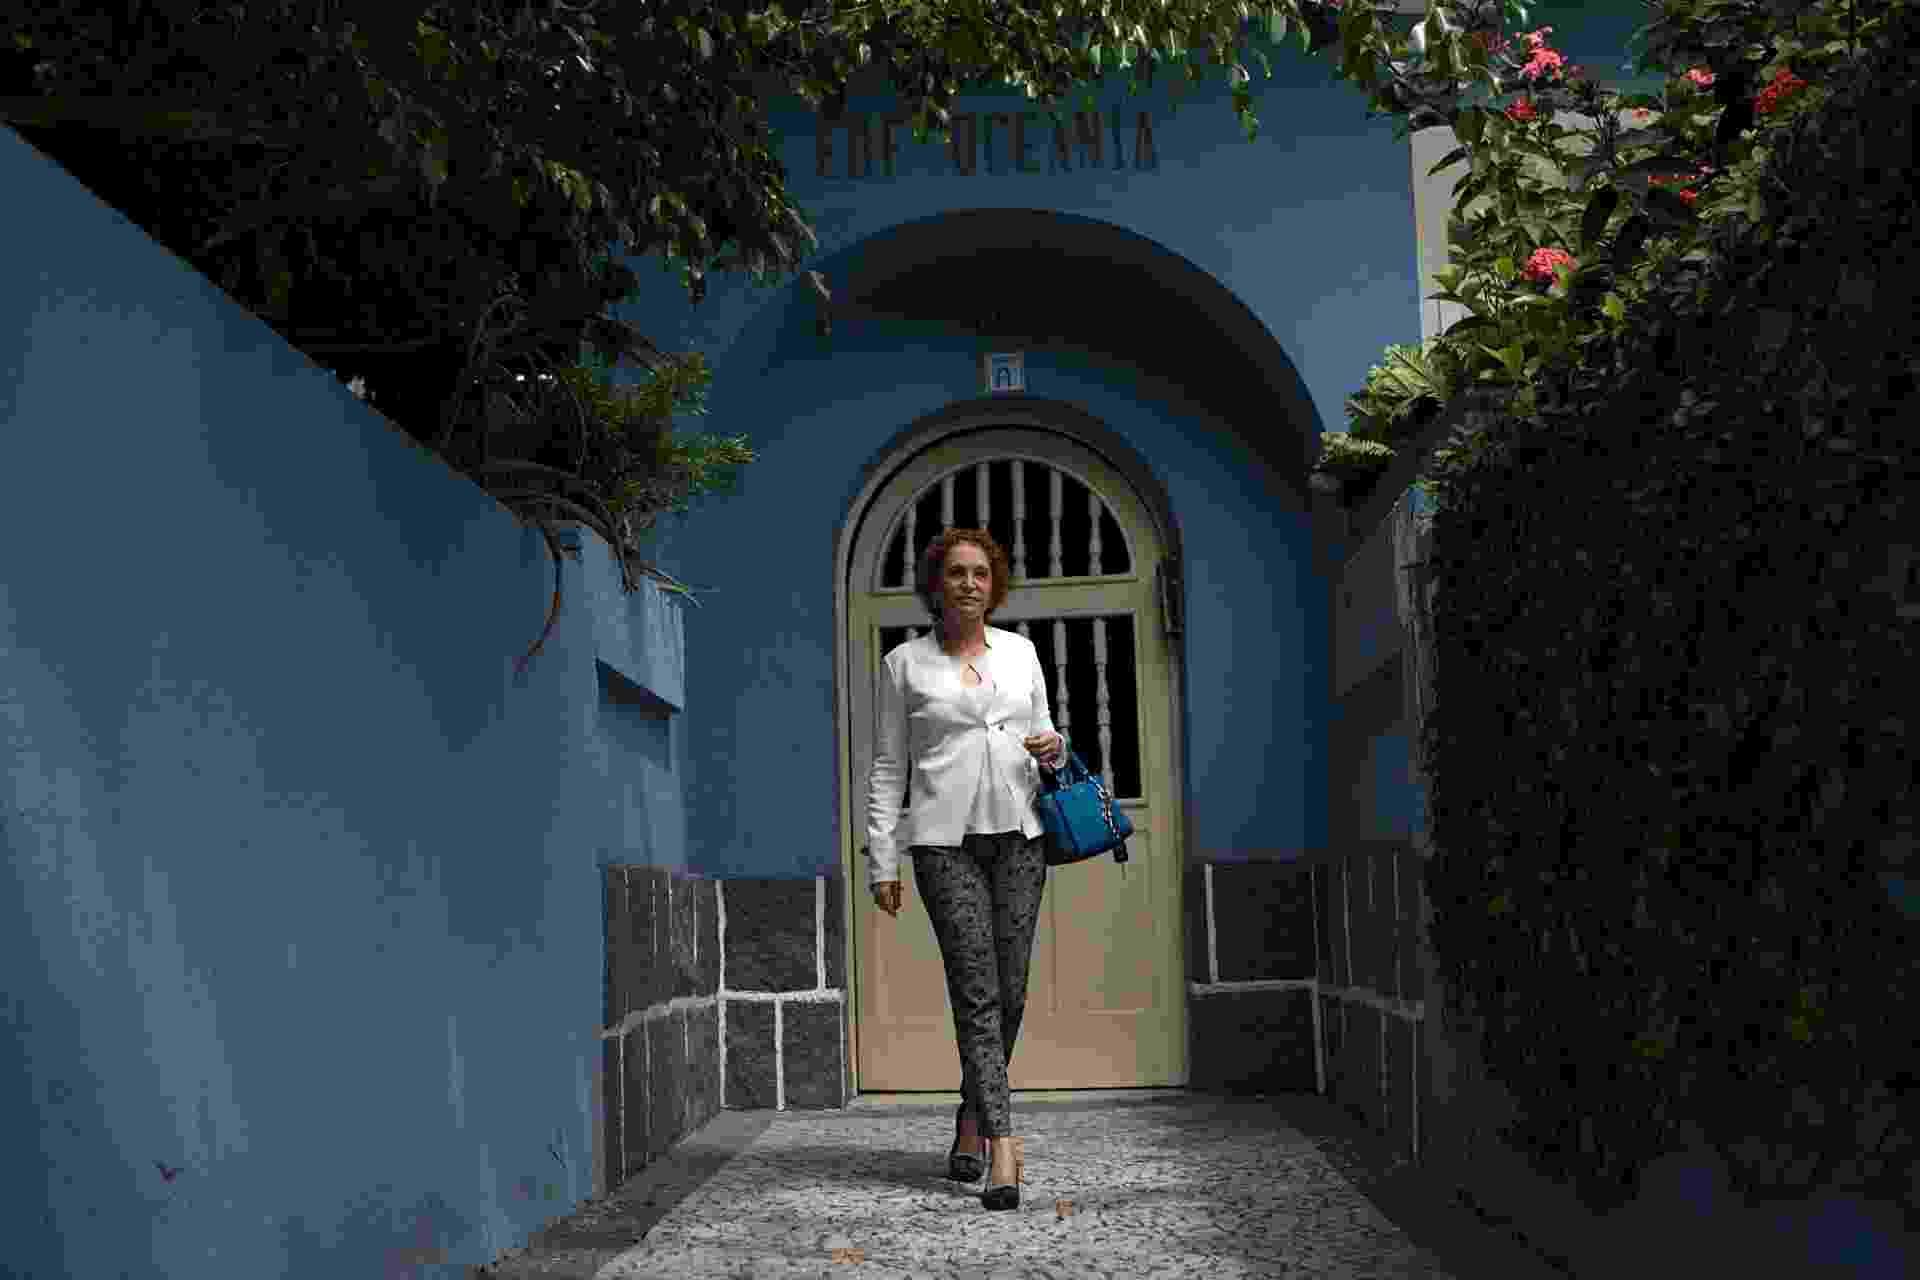 """Aronita Rosenblatt, moradora do Oceania, prédio onde foi filmado o filme """"Aquarius"""", em Recife - Beto Figueiroa/UOL"""